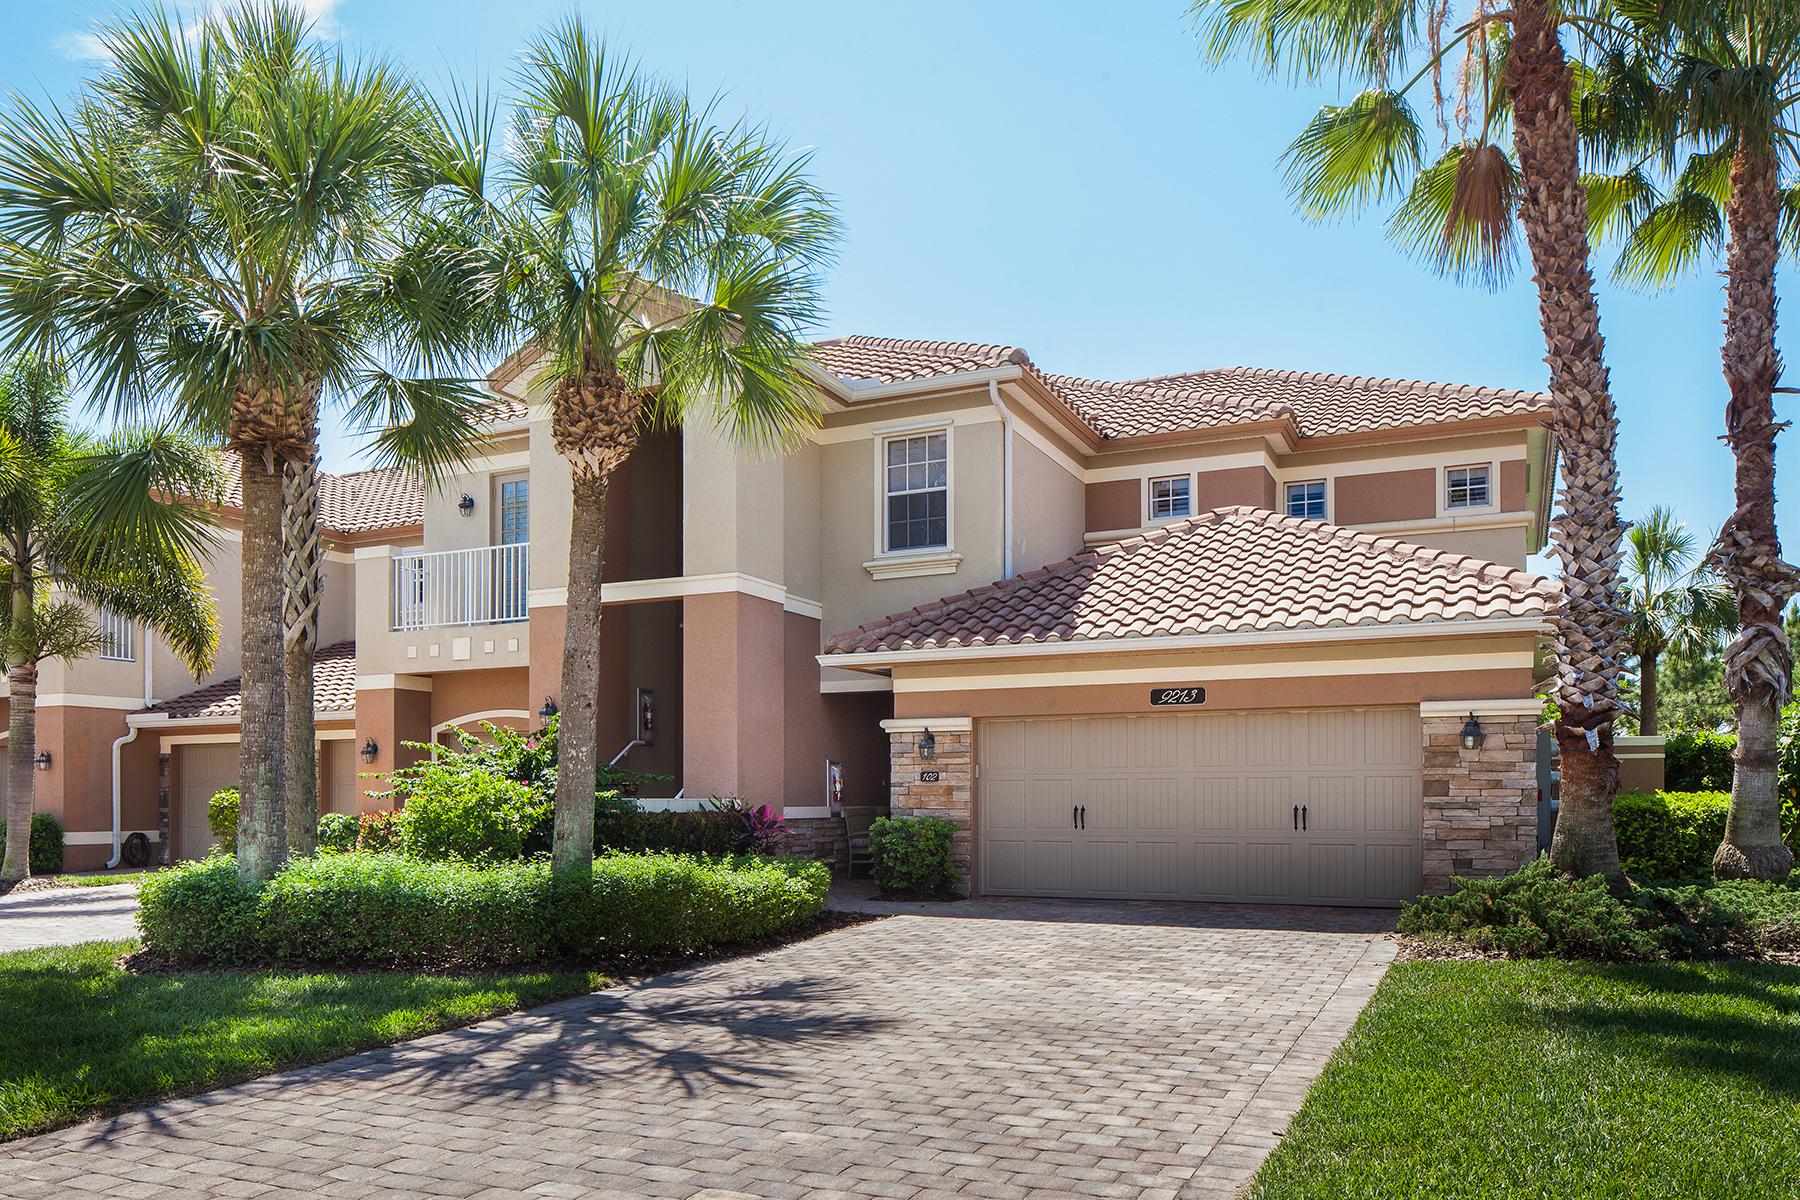 Property For Sale at 9213 Quartz Ln , 102, Naples, FL 34120